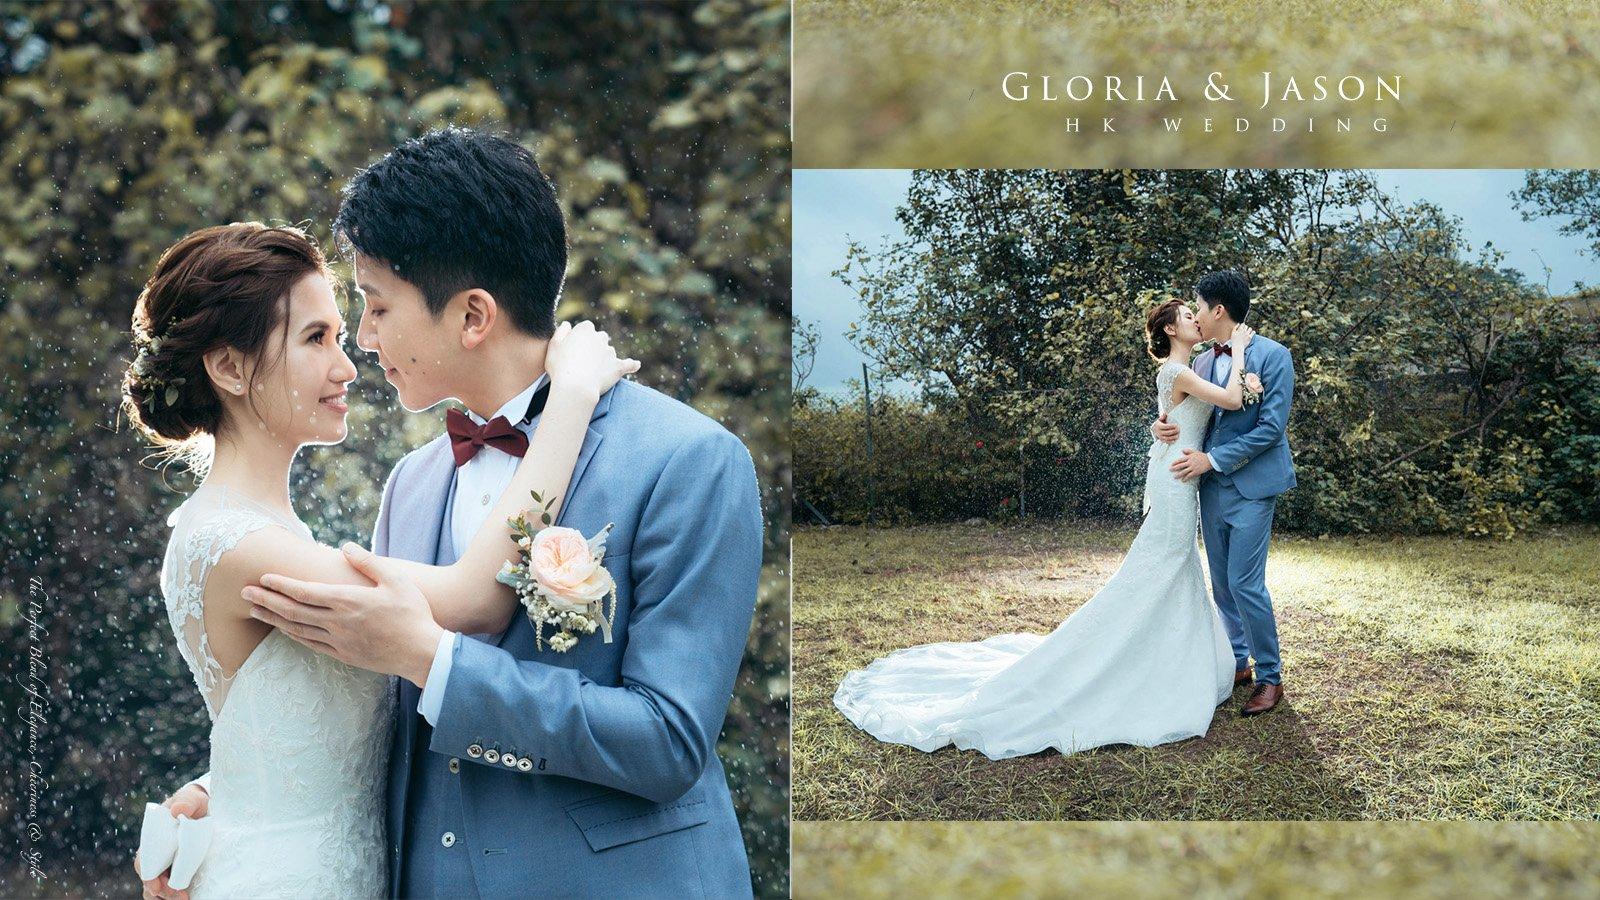 雨天的婚禮 | Wedding Photography | 婚禮攝影